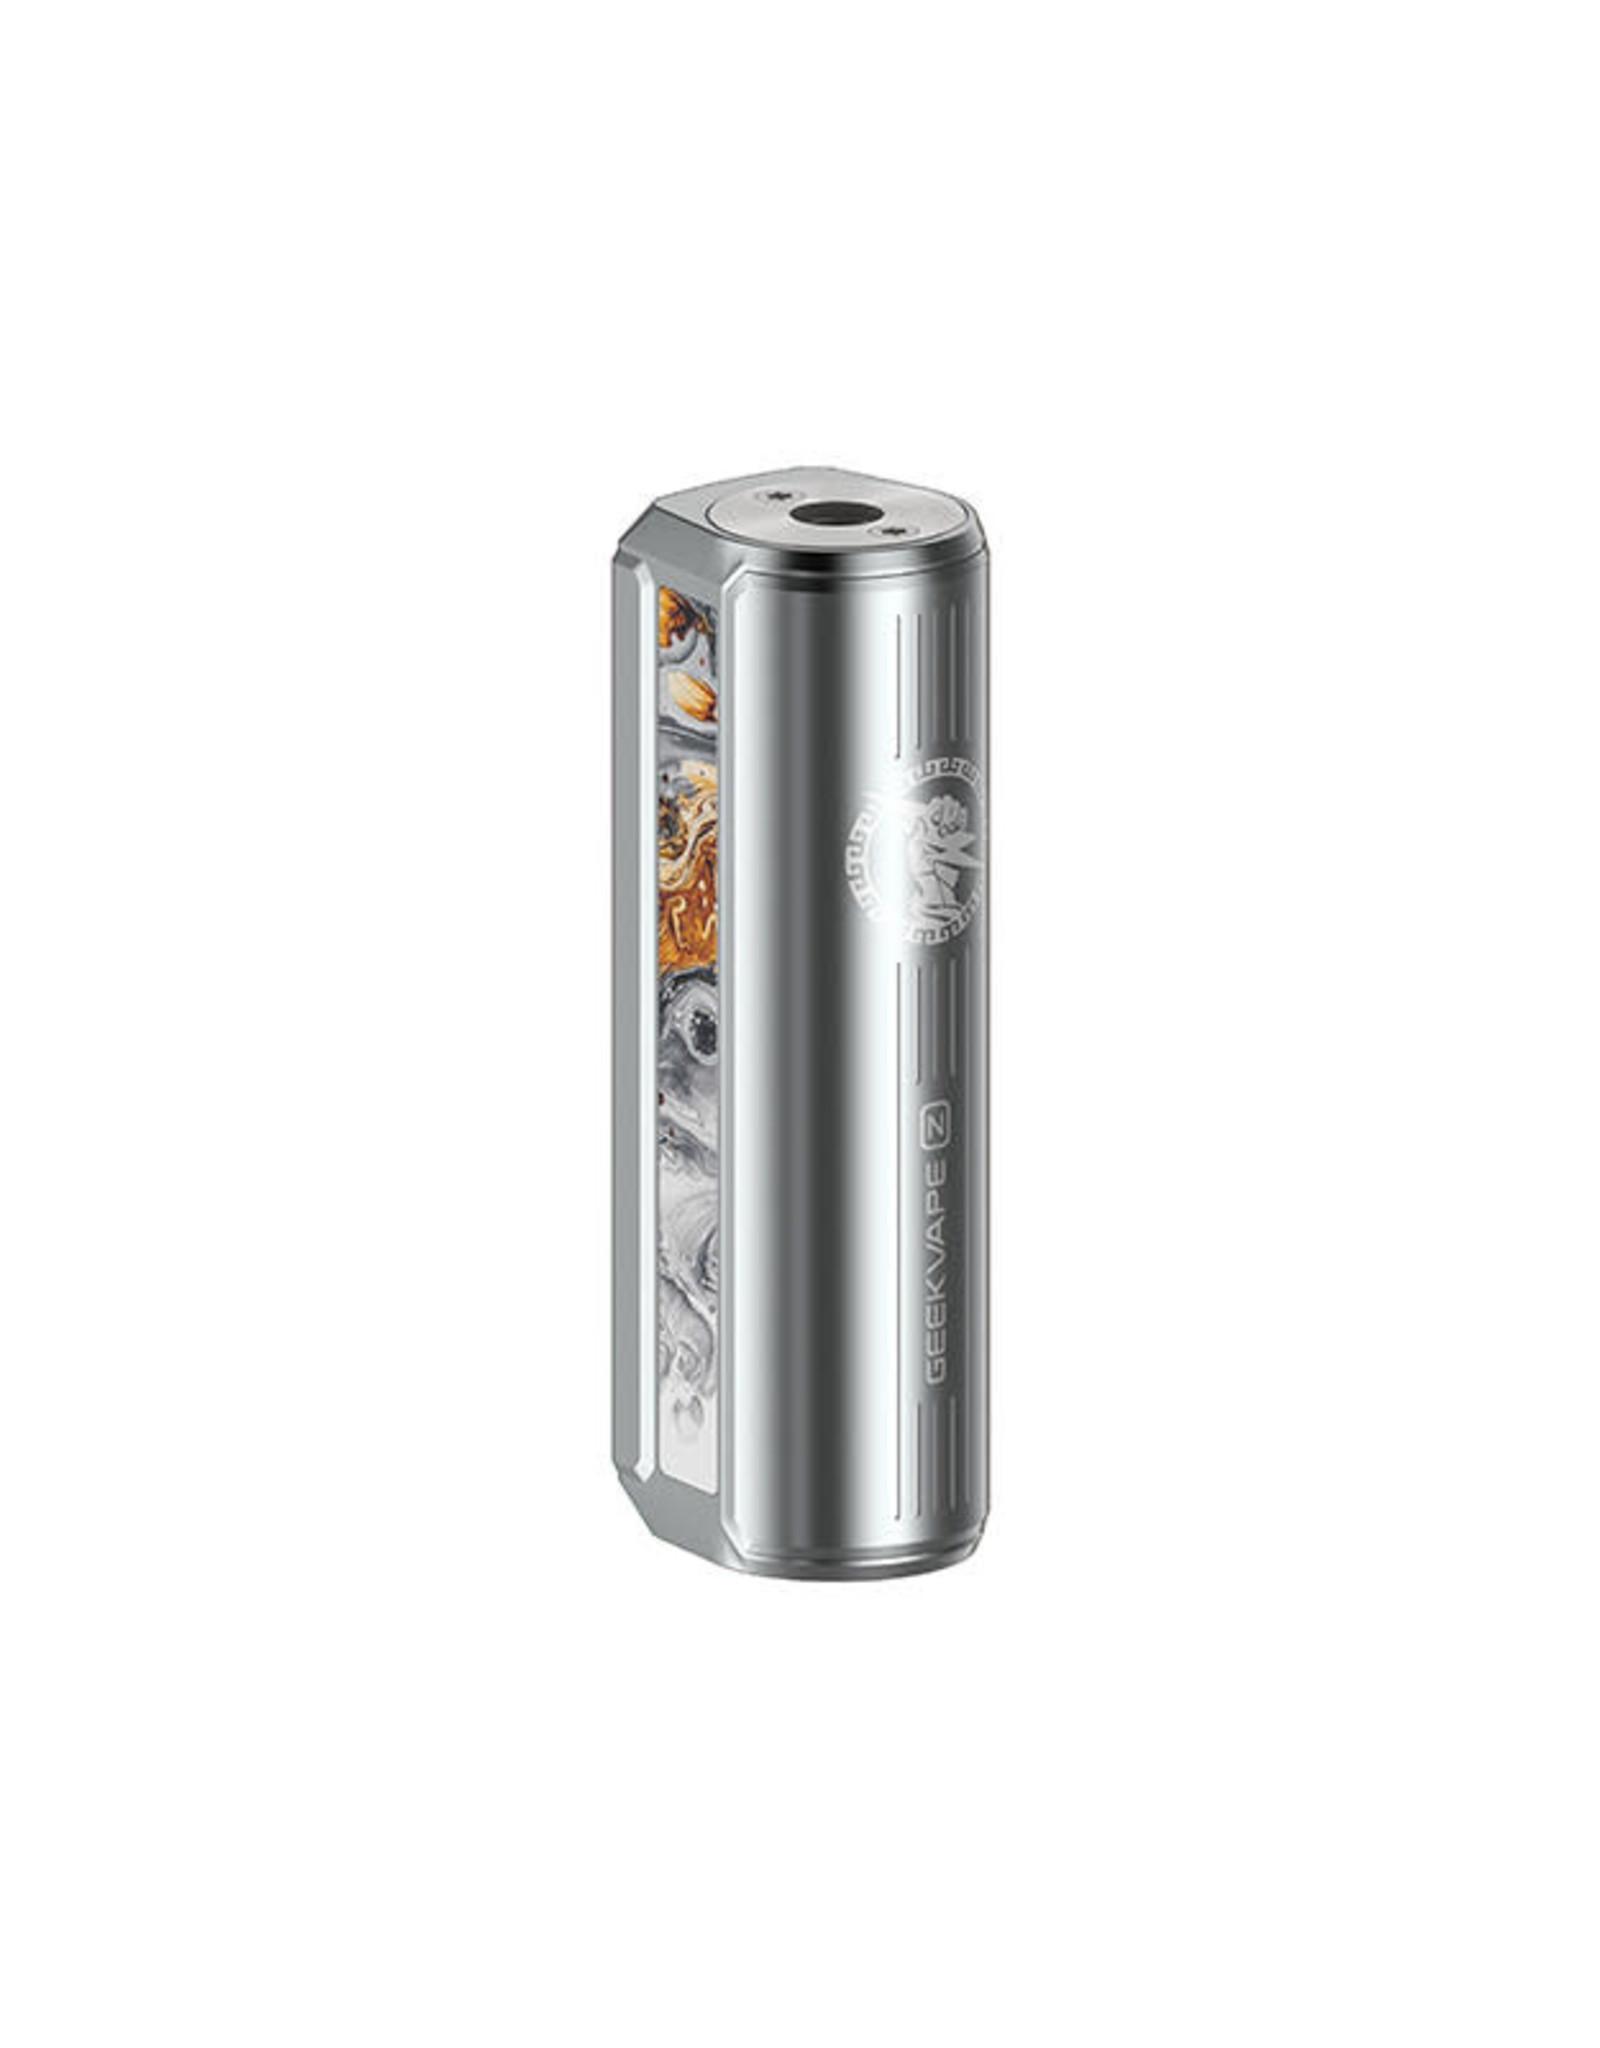 Geek Vape GeekVape Z50 Mod